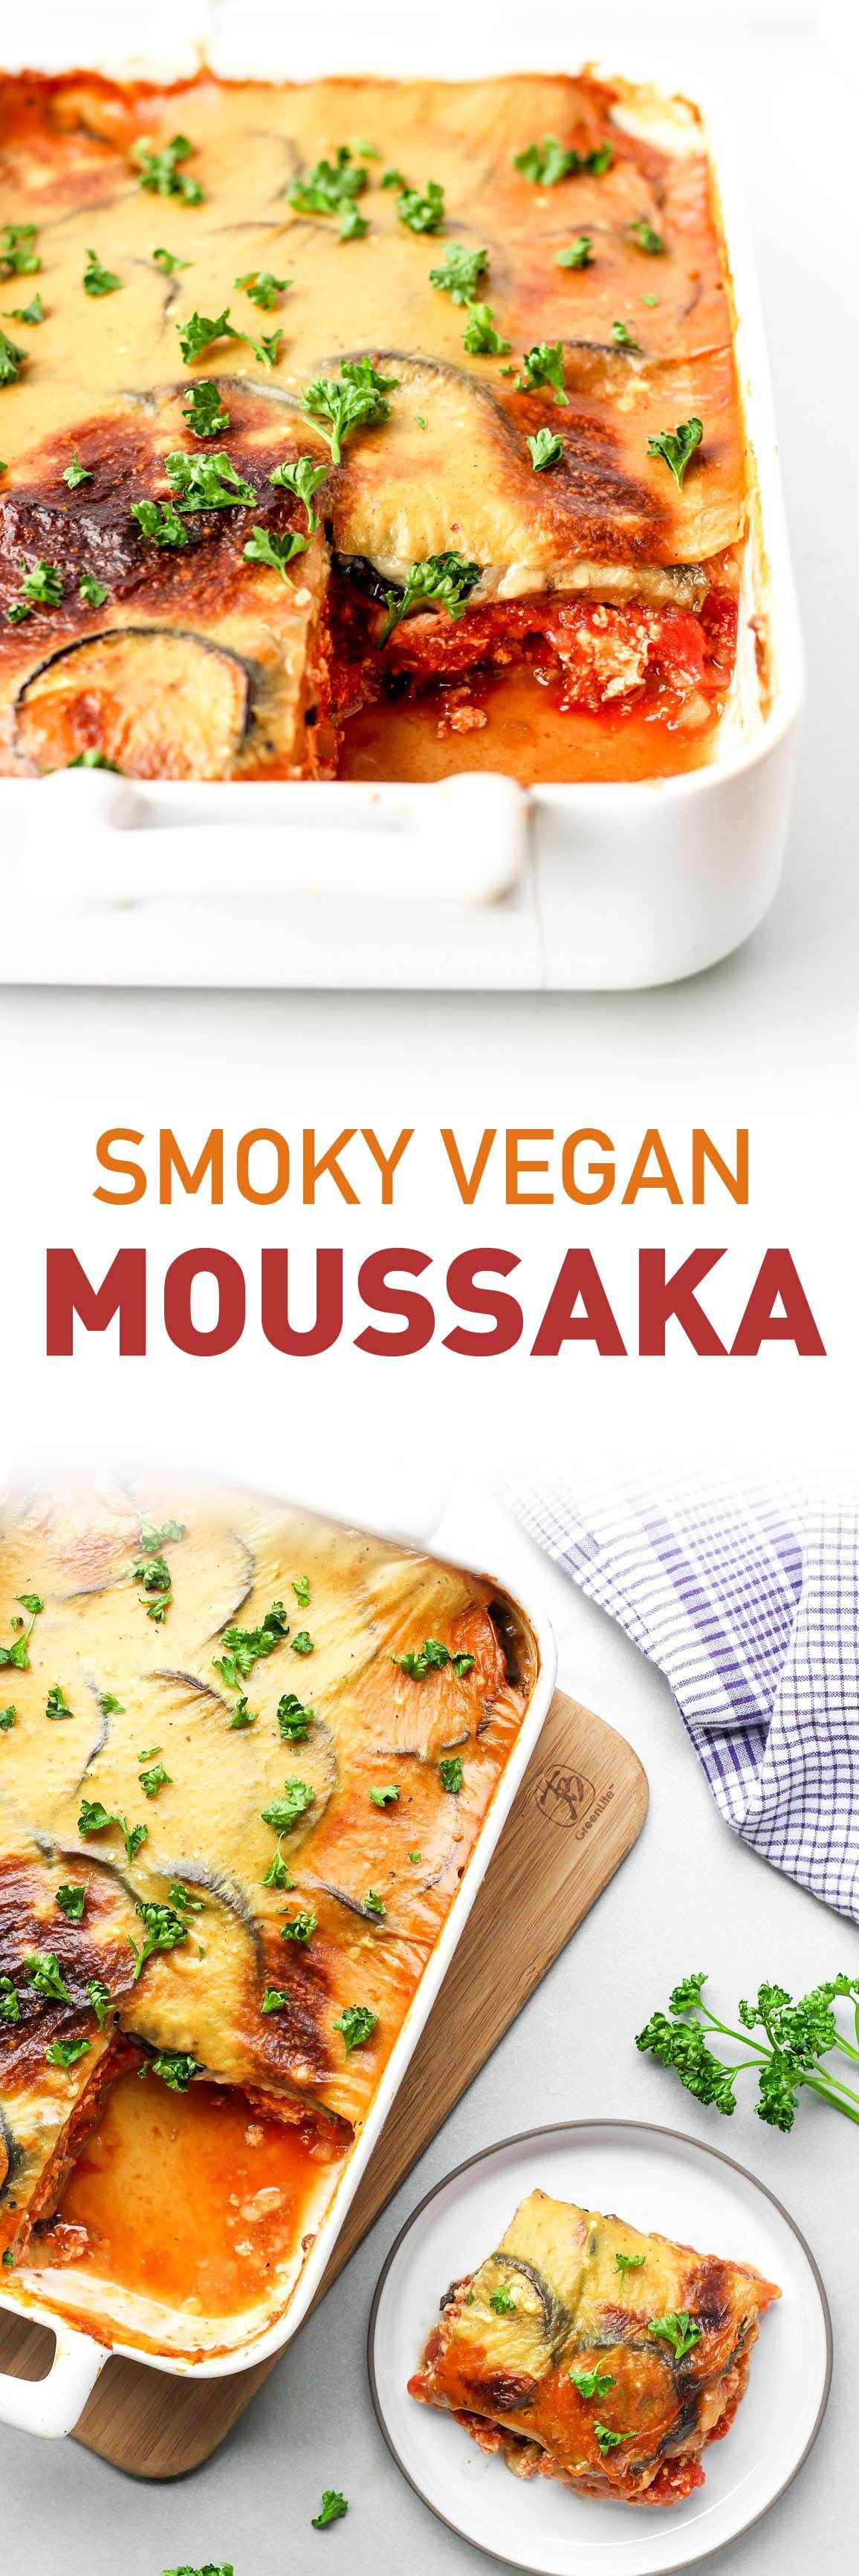 Vegan Smoky Moussaka